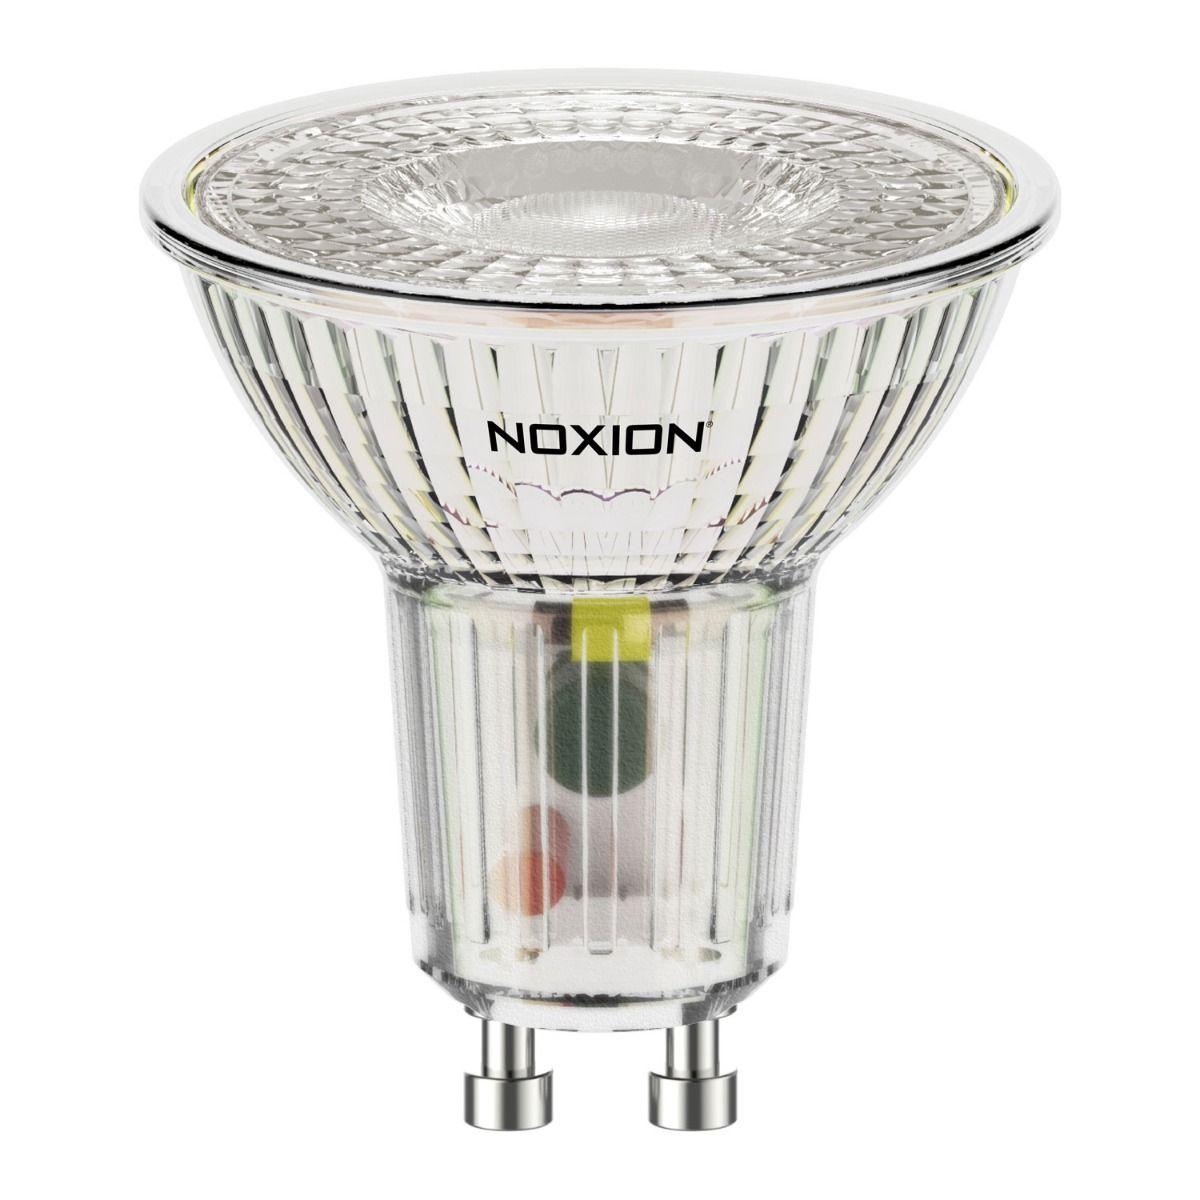 Noxion LED Spot GU10 5W 840 36D 520lm | Cool White - Replaces 60W